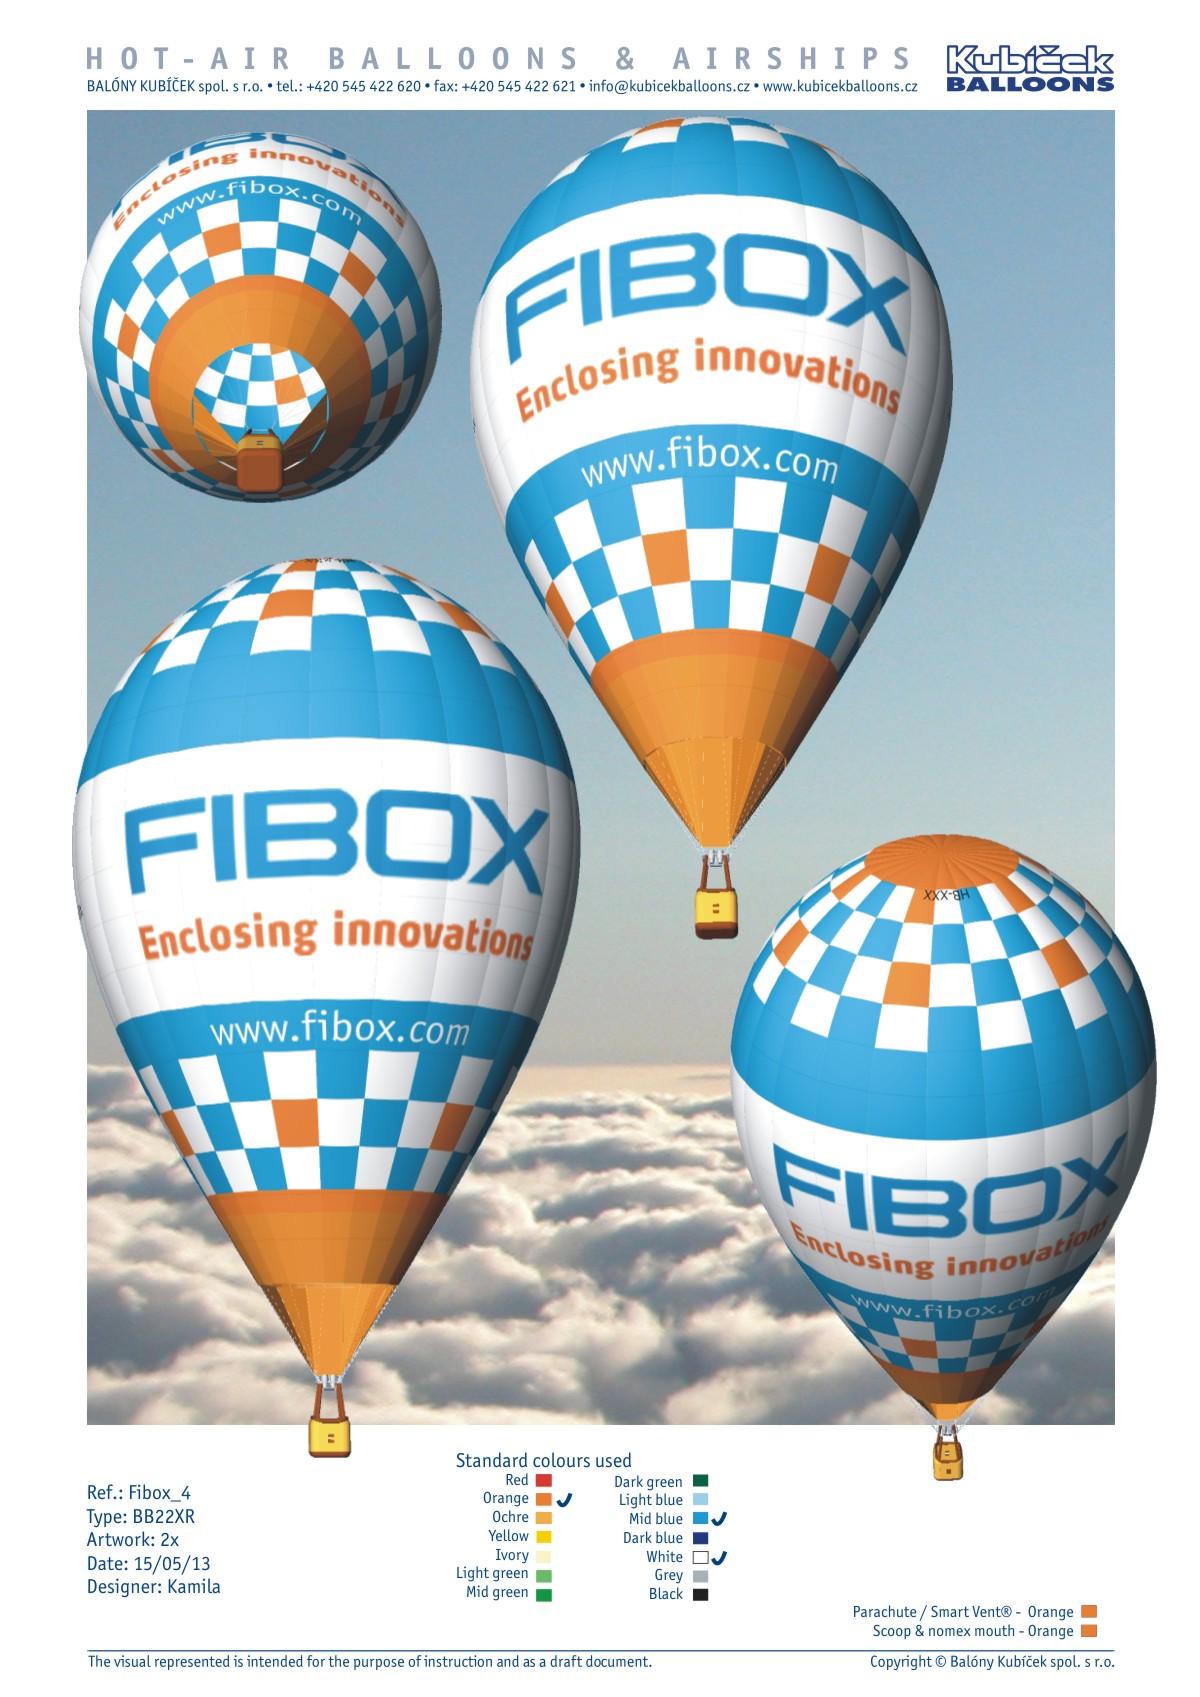 Fibox_4